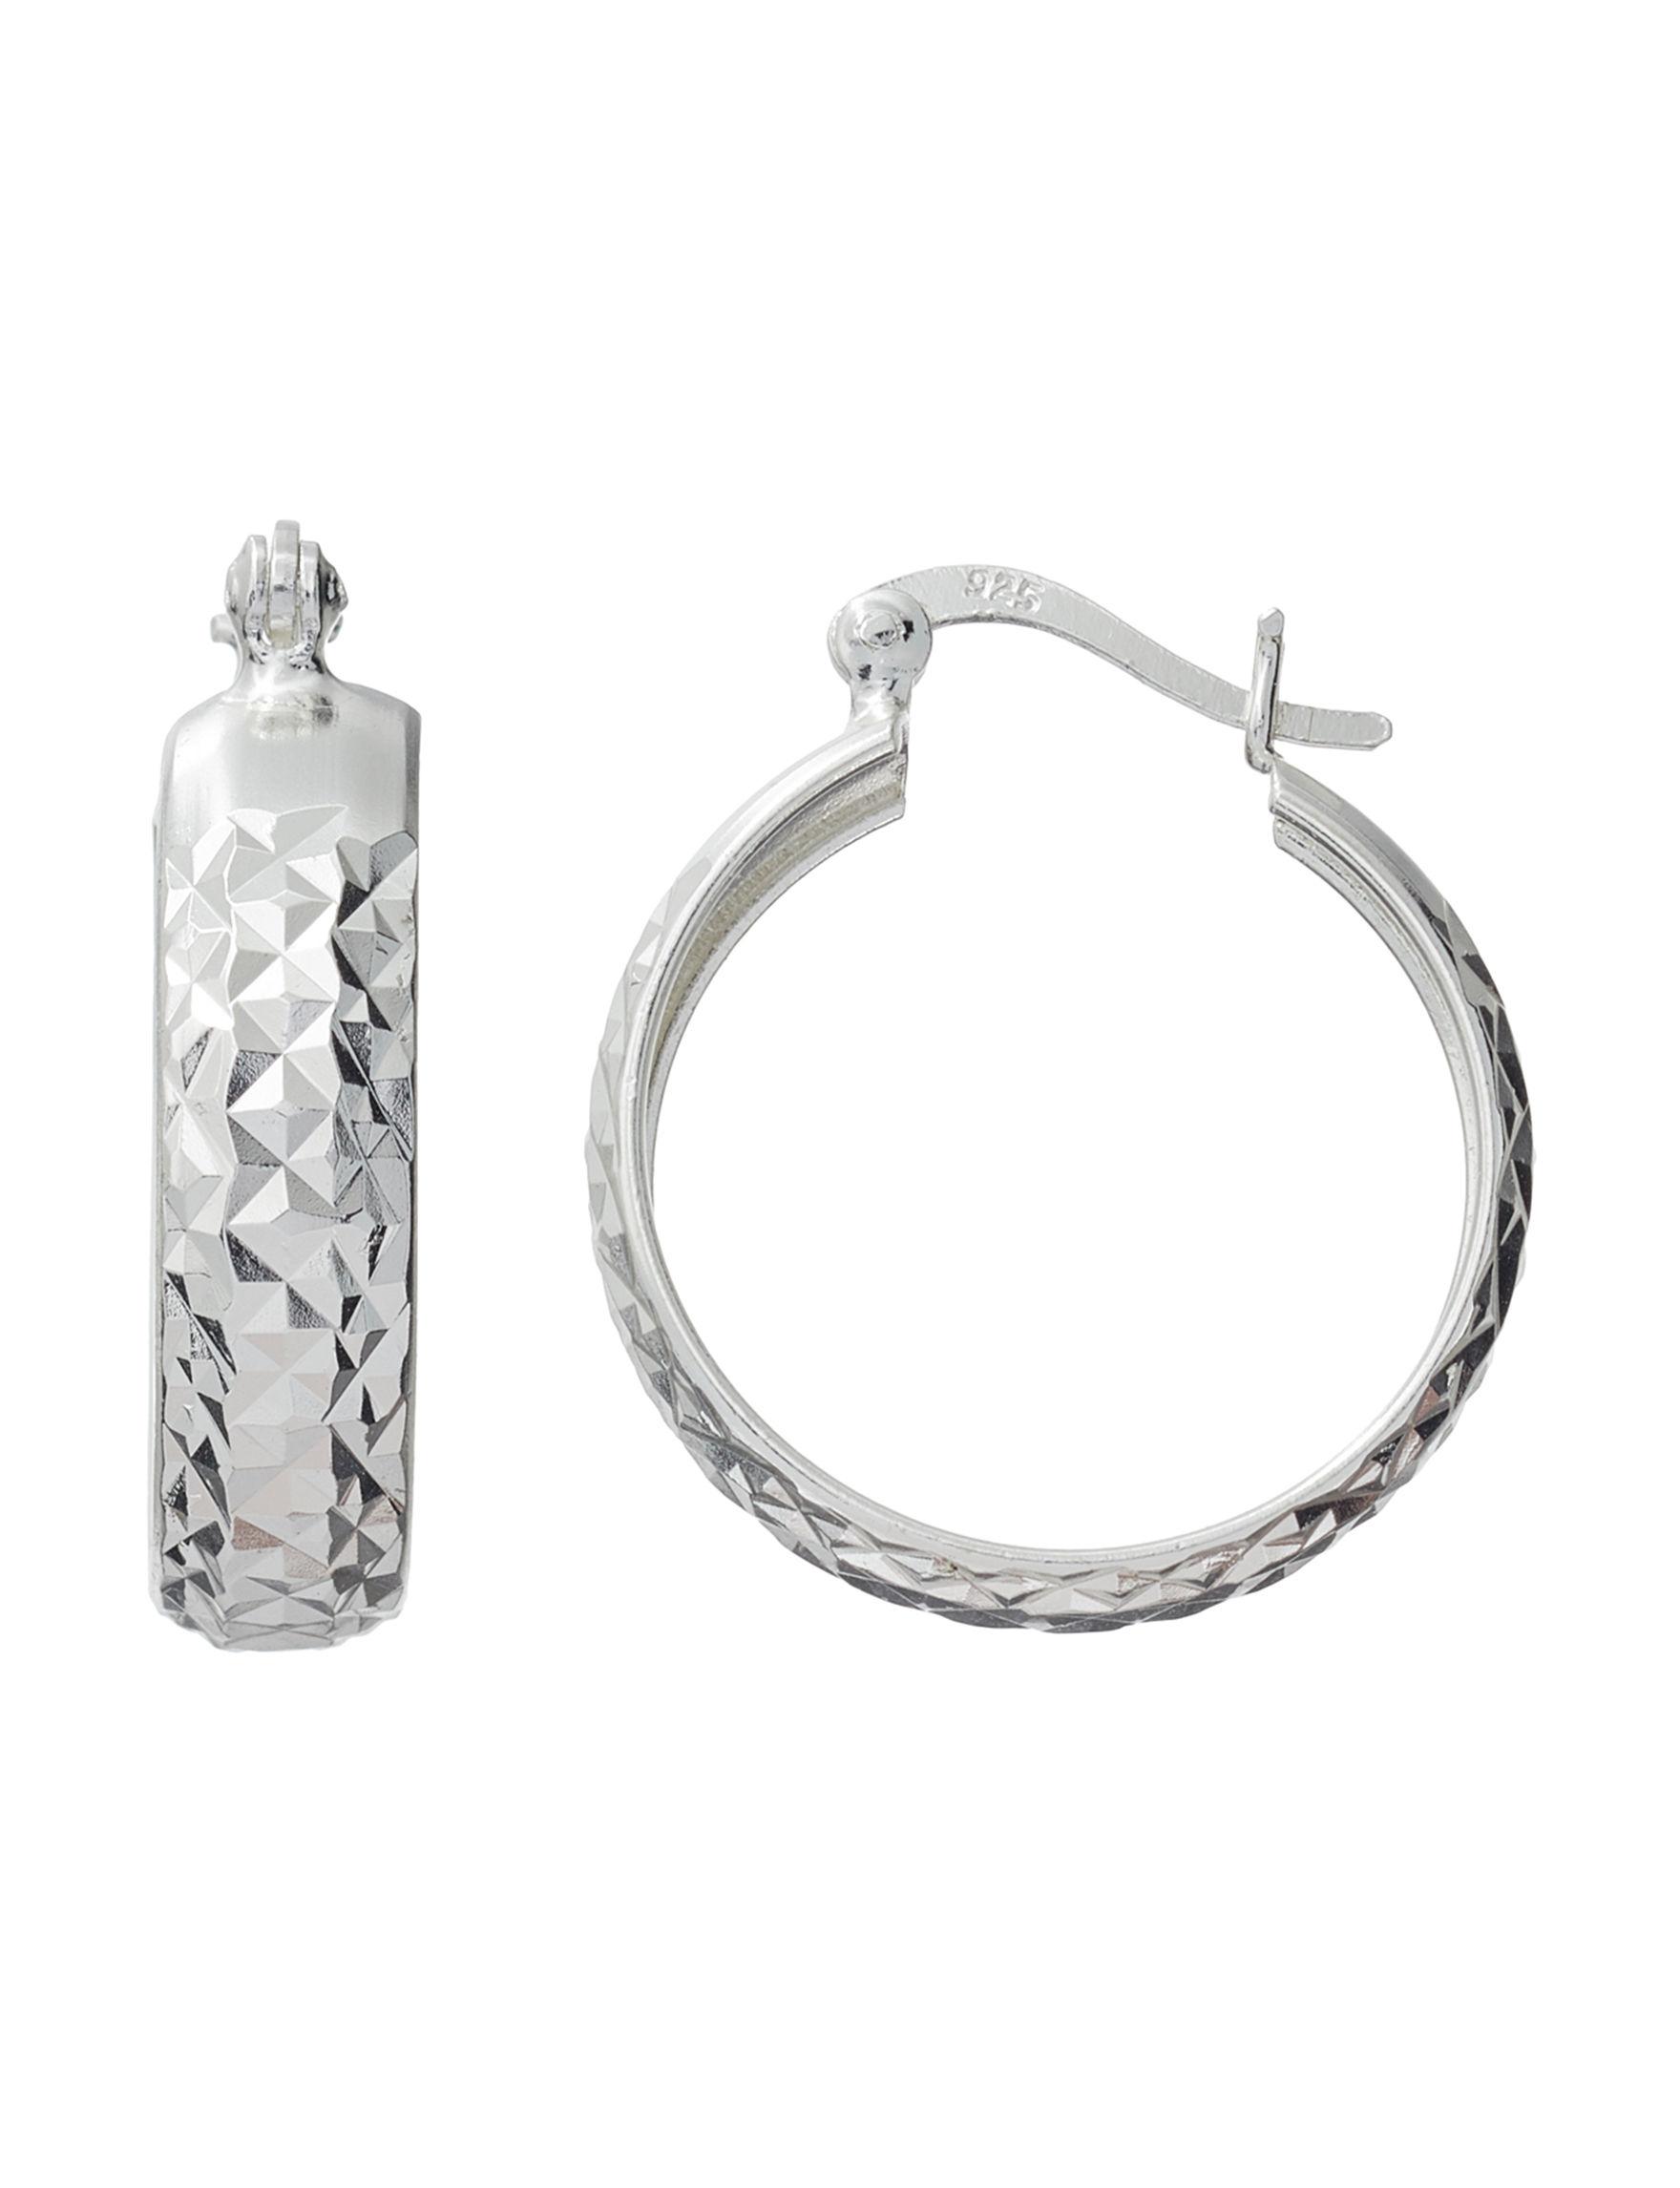 Danecraft Silver Hoops Earrings Fine Jewelry